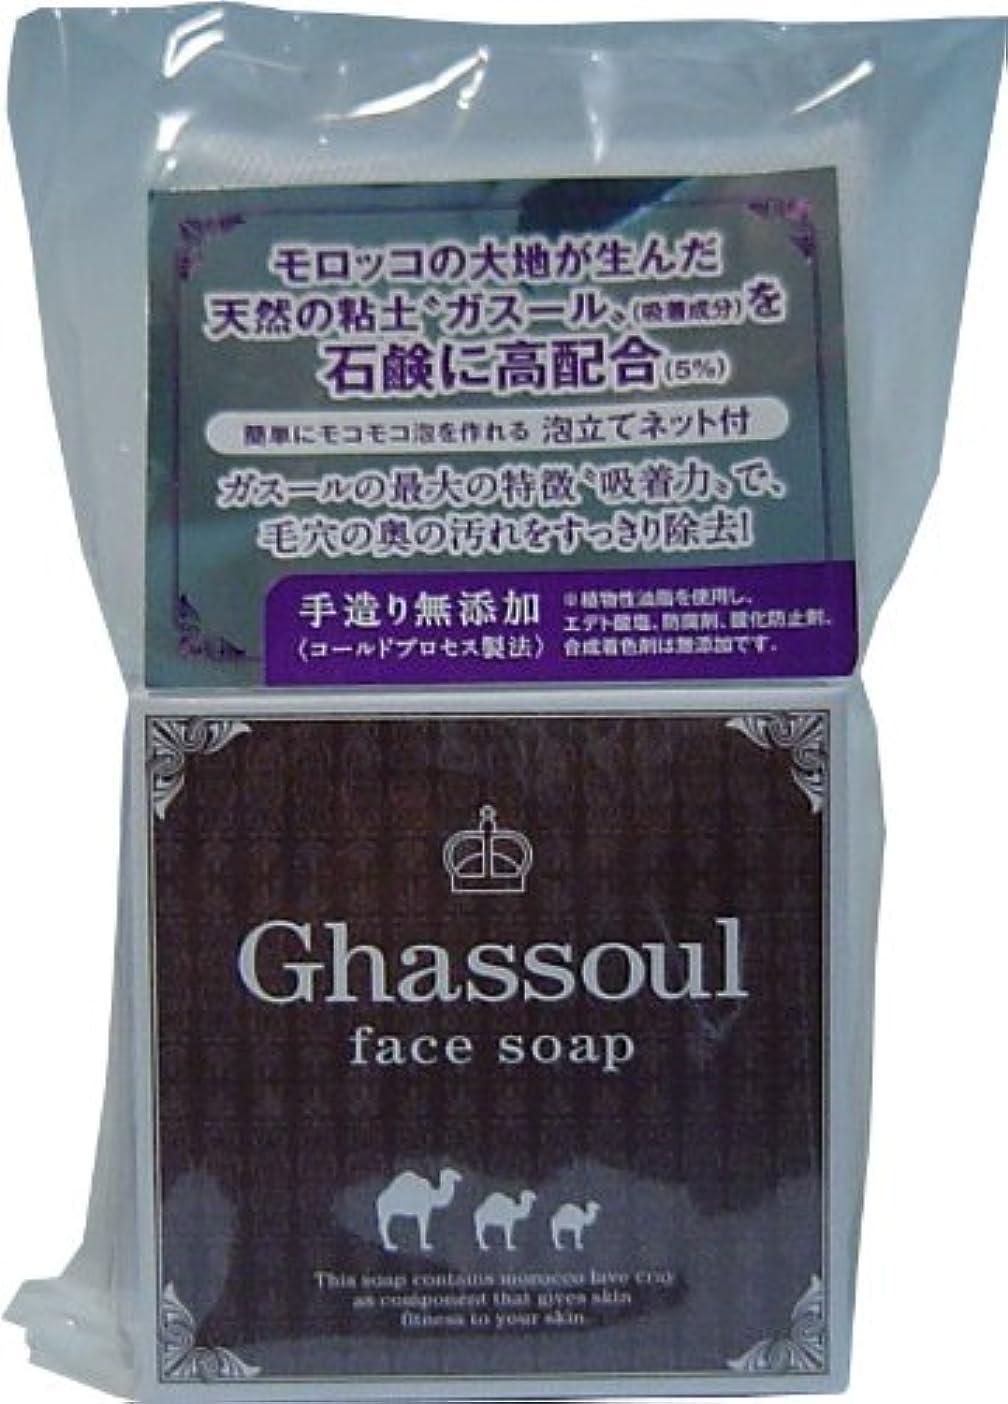 可塑性役立つタンクGhassoul face soap ガスールフェイスソープ 100g ×6個セット